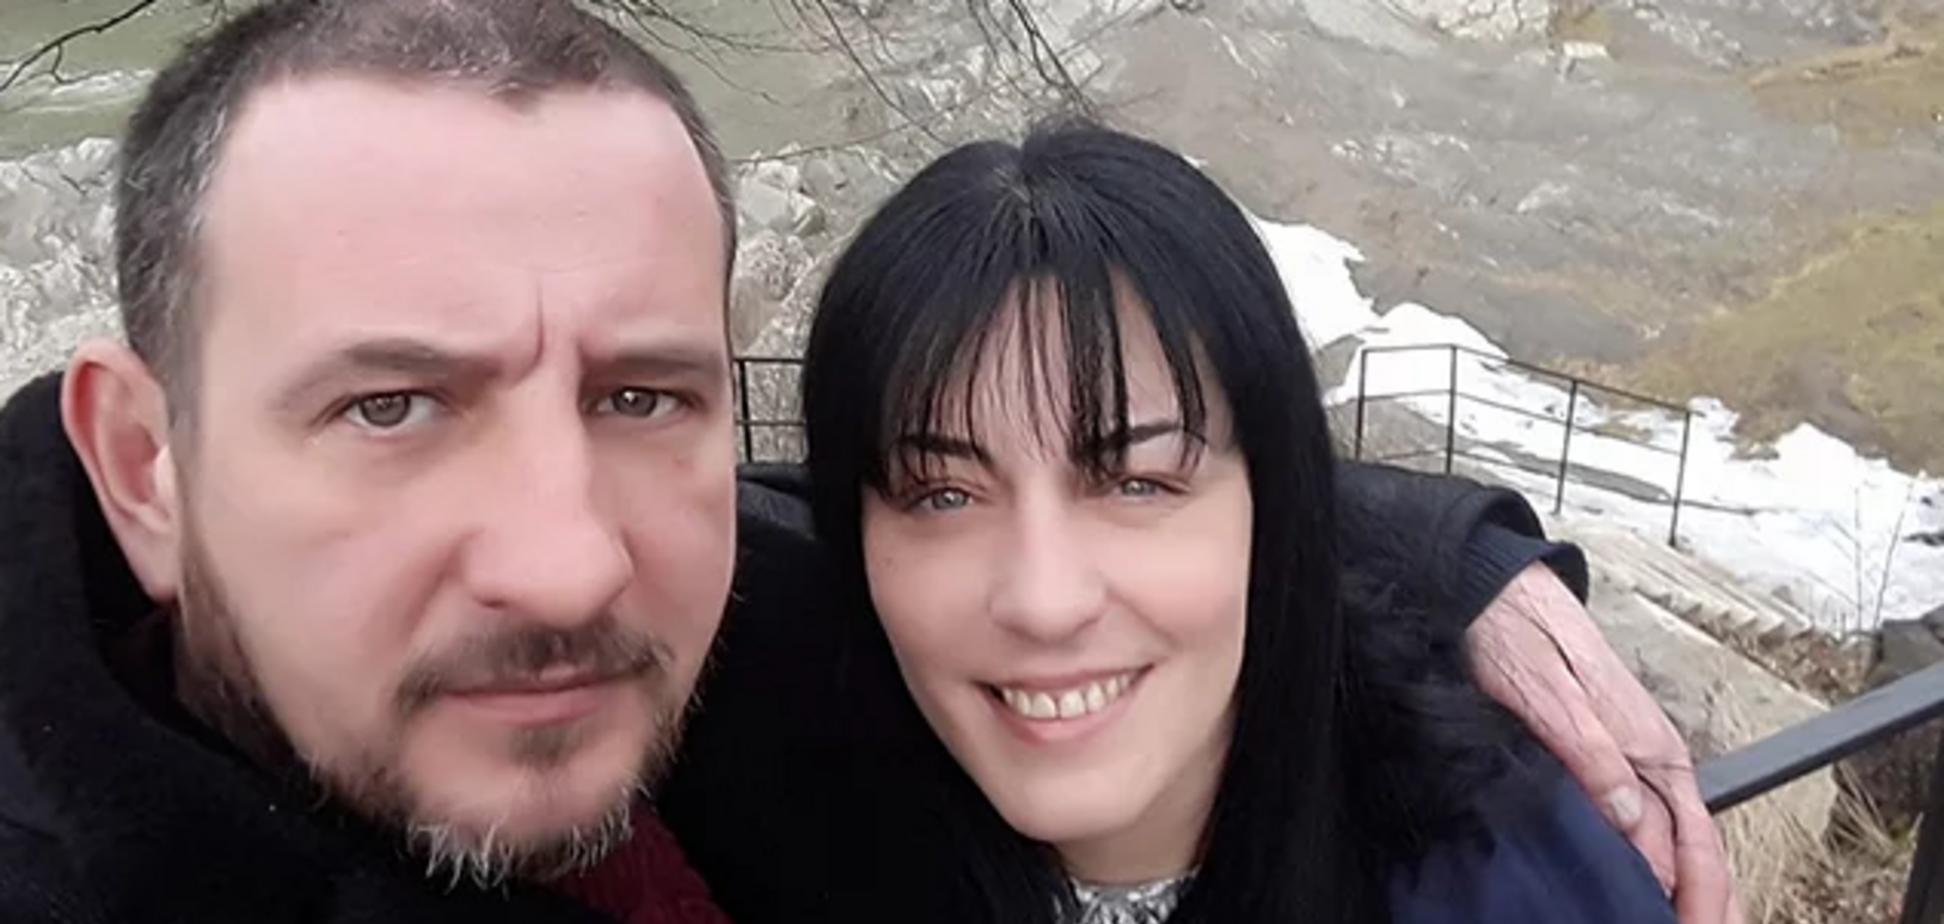 Раптово помер бізнесмен, на якого вчинили замах підозрювані в справі Шеремета